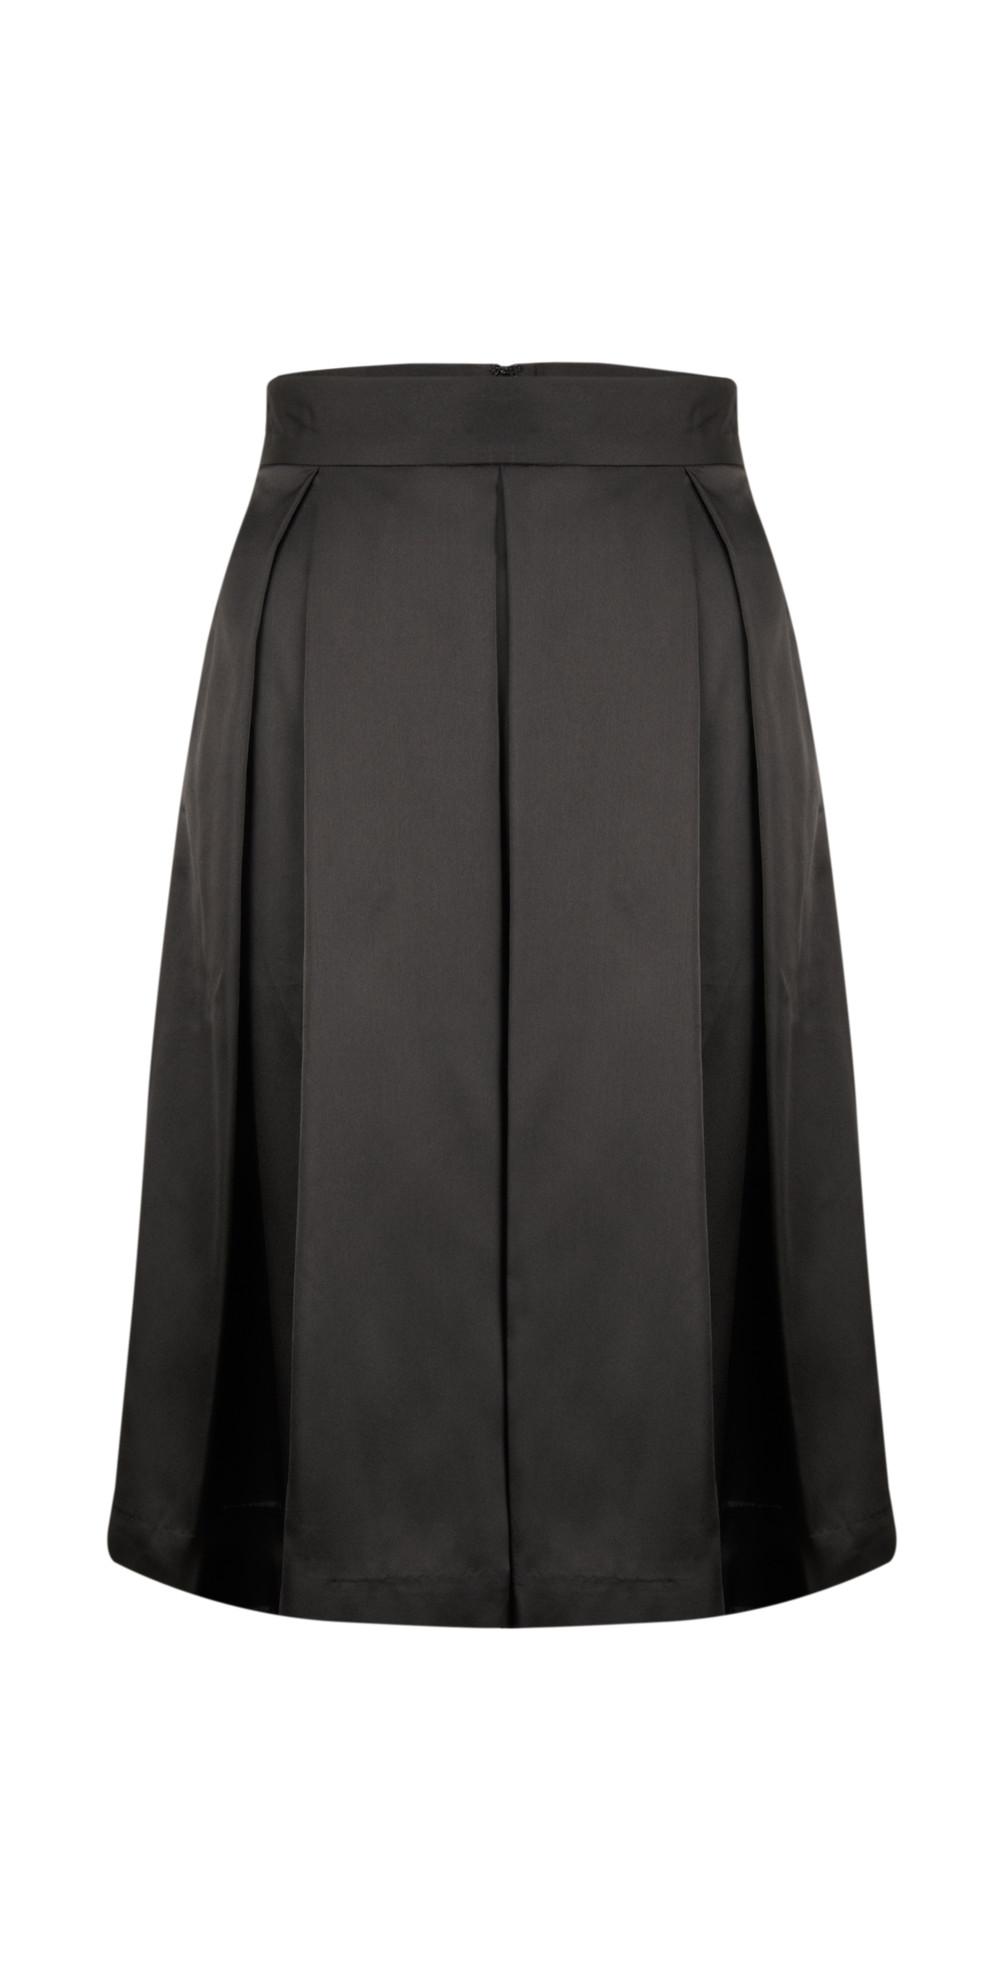 Dolly Satin Full Skirt main image